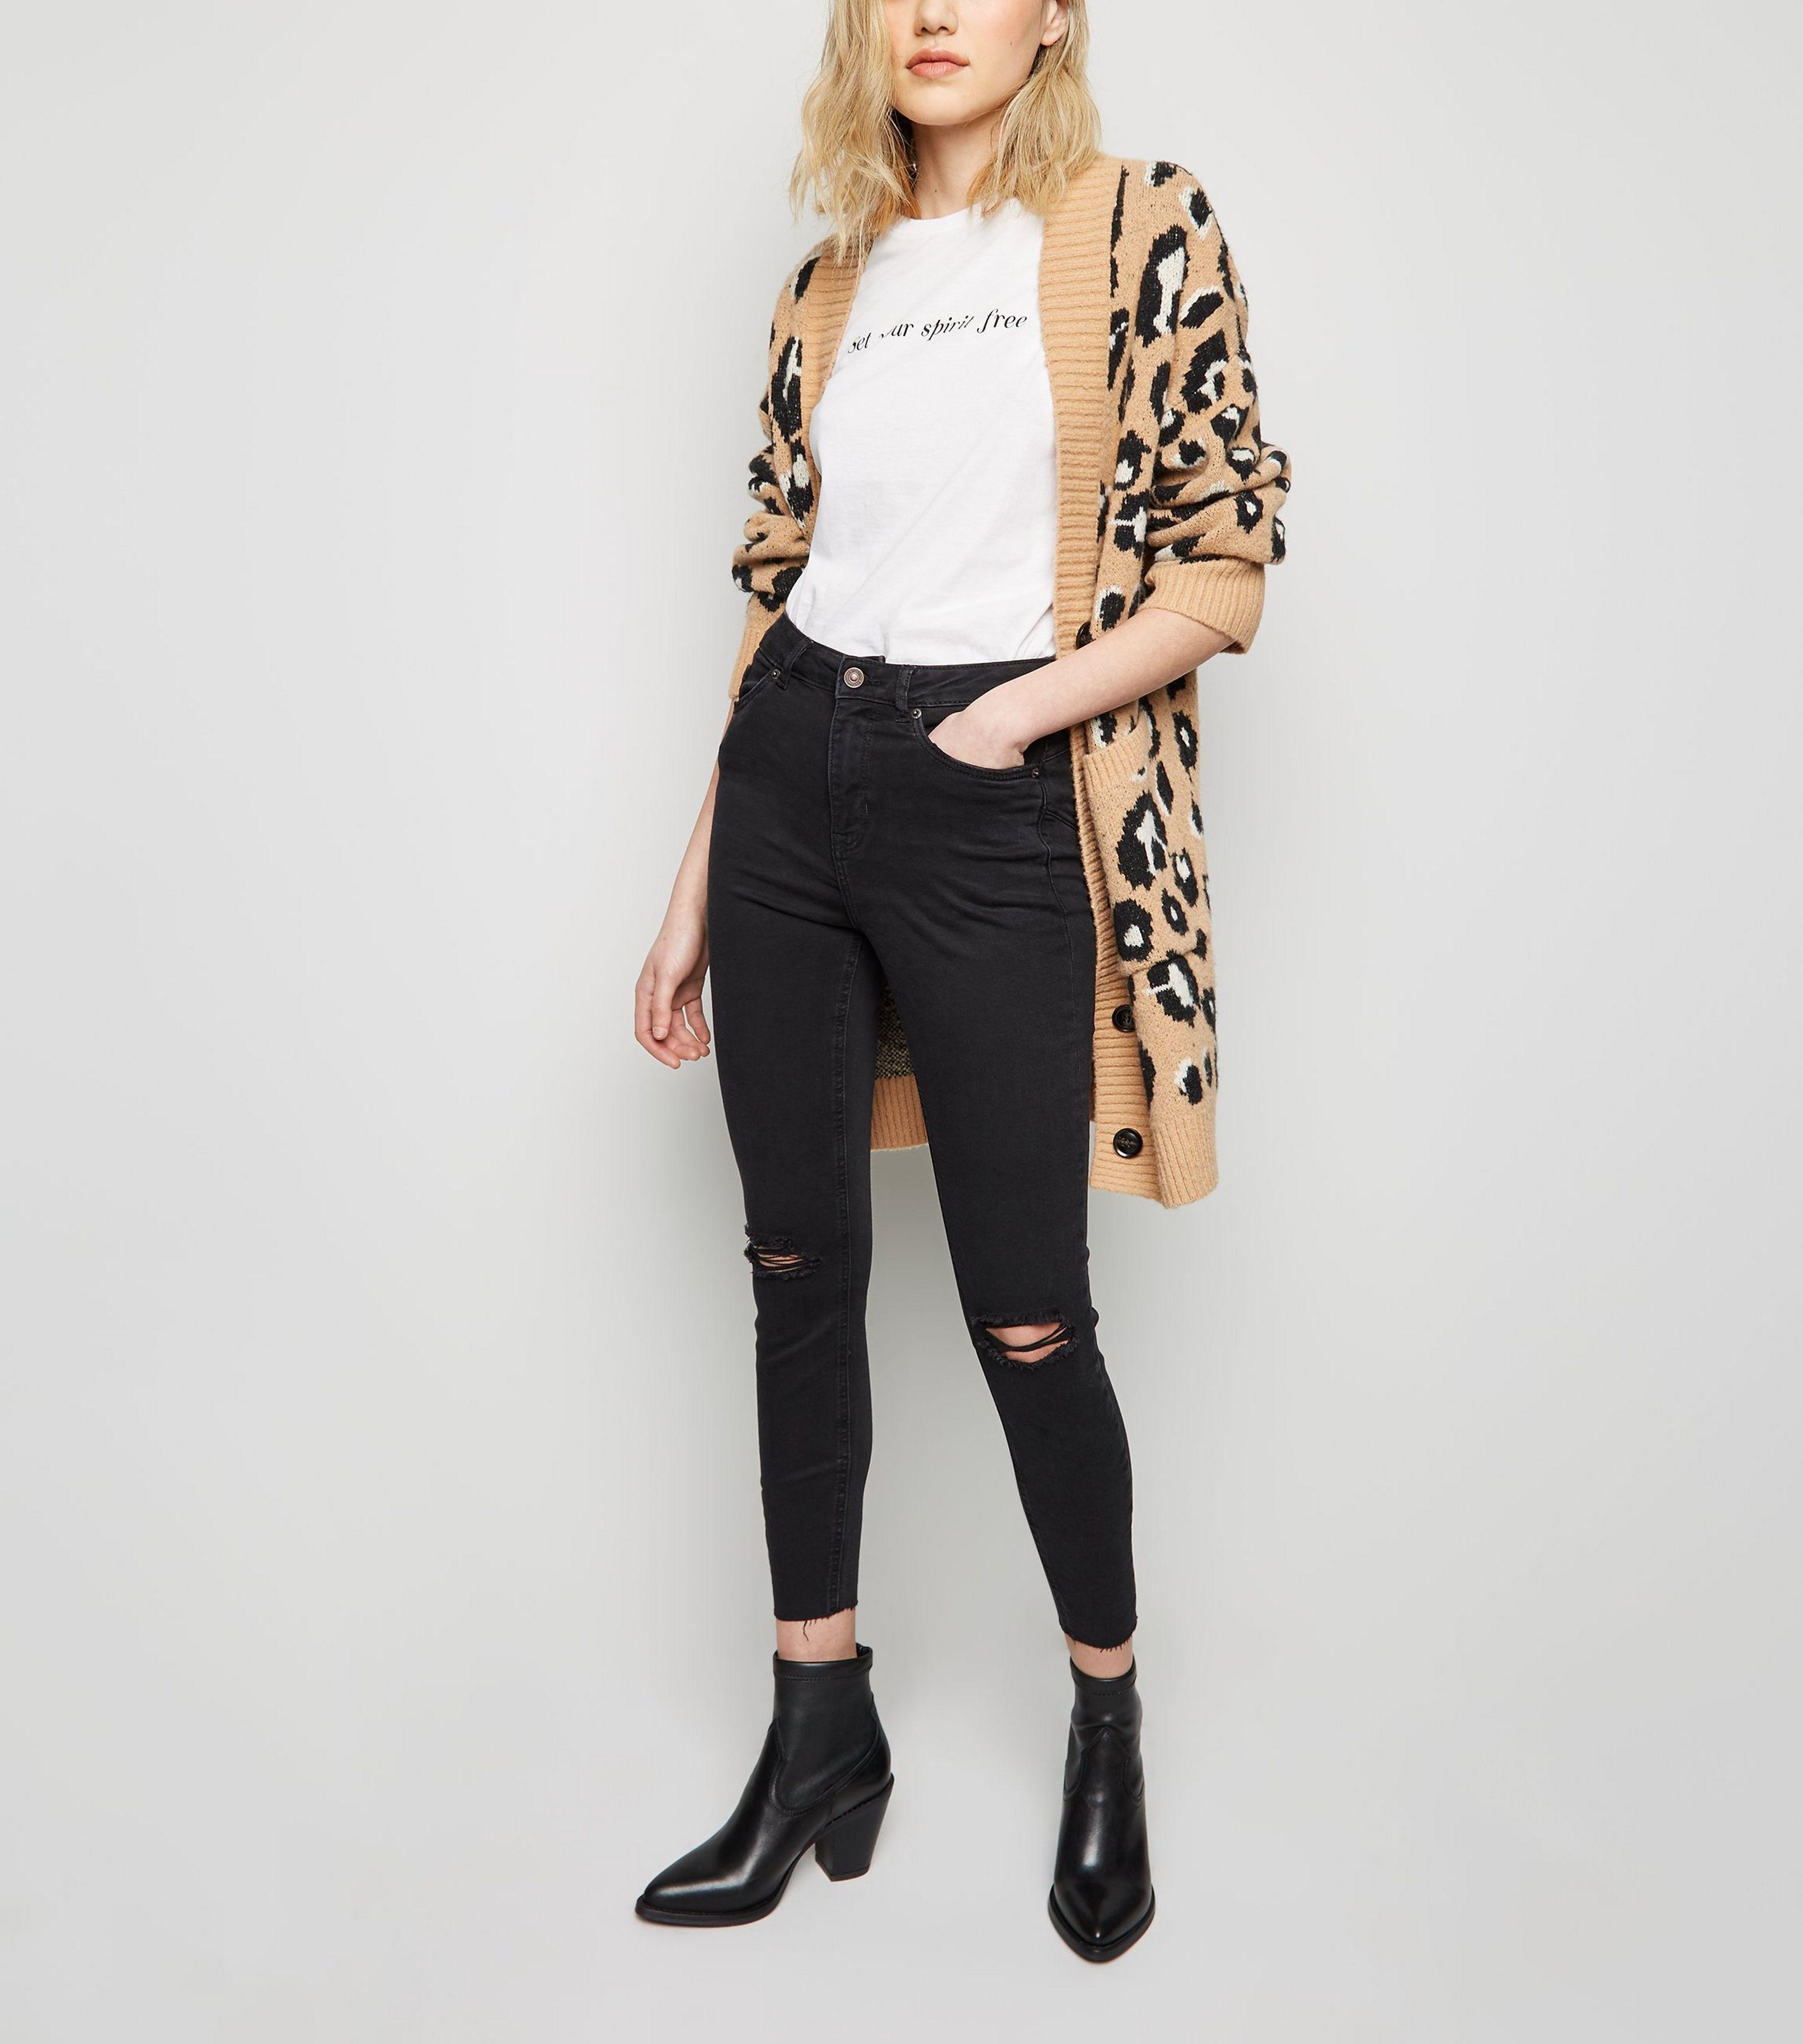 92b67db28 New Look Black 'lift & Shape' Ripped Skinny Jeans in Black - Lyst